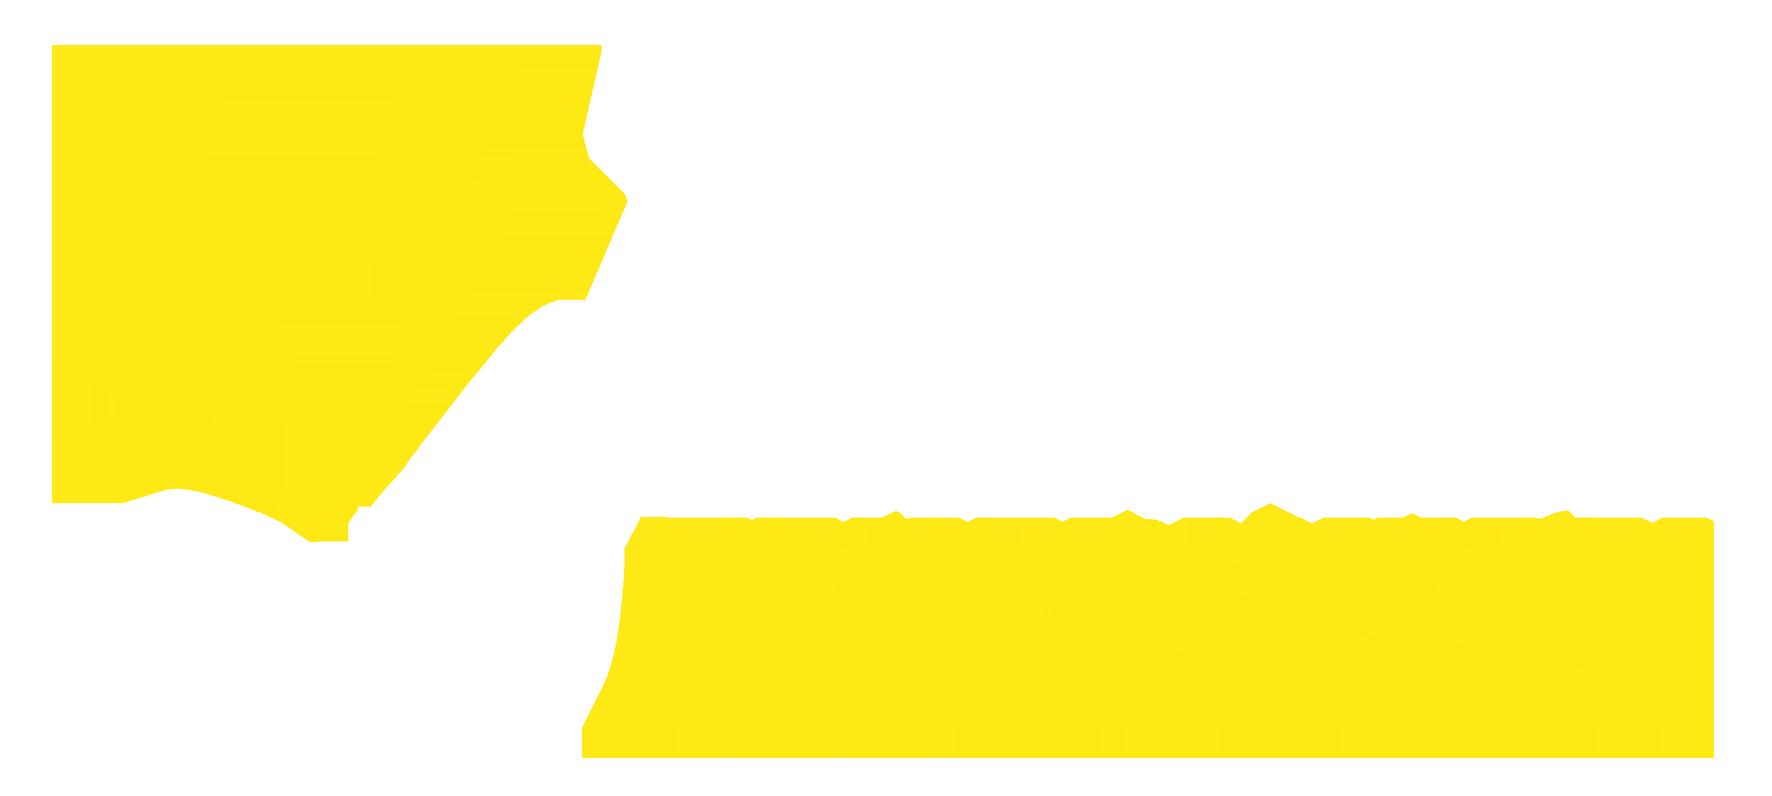 http://zenafeuerwerk.de/wp-content/uploads/2017/01/ZENAFEUERWERK.png